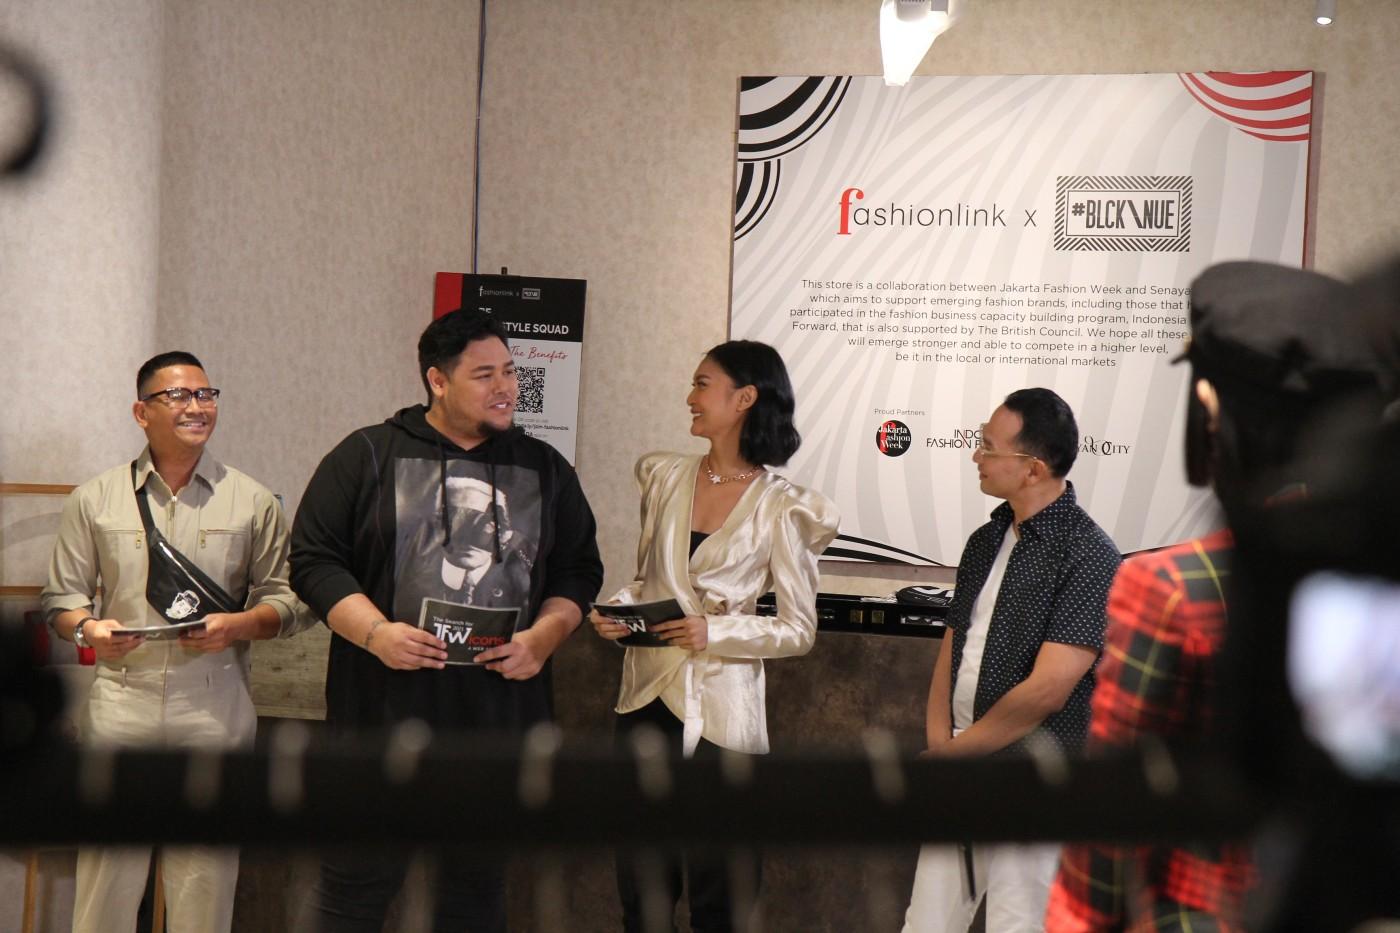 The Search for JFW 2021 Icons: A Web Series, Tayang 6 Hari Berturut Turut, Mulai 29 Agustus 2020